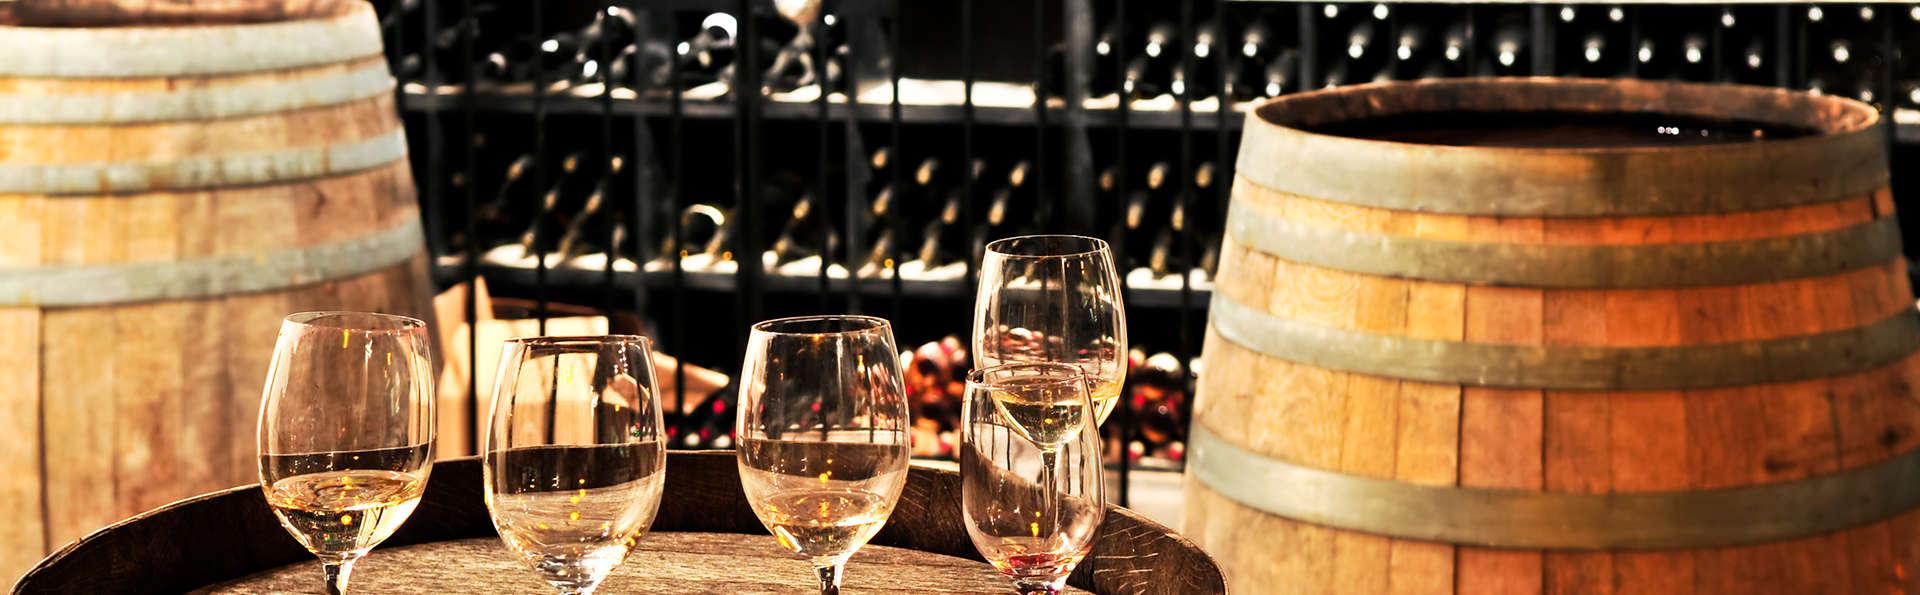 Escapade avec dégustation d'huiles et de vins dans l'Empordà